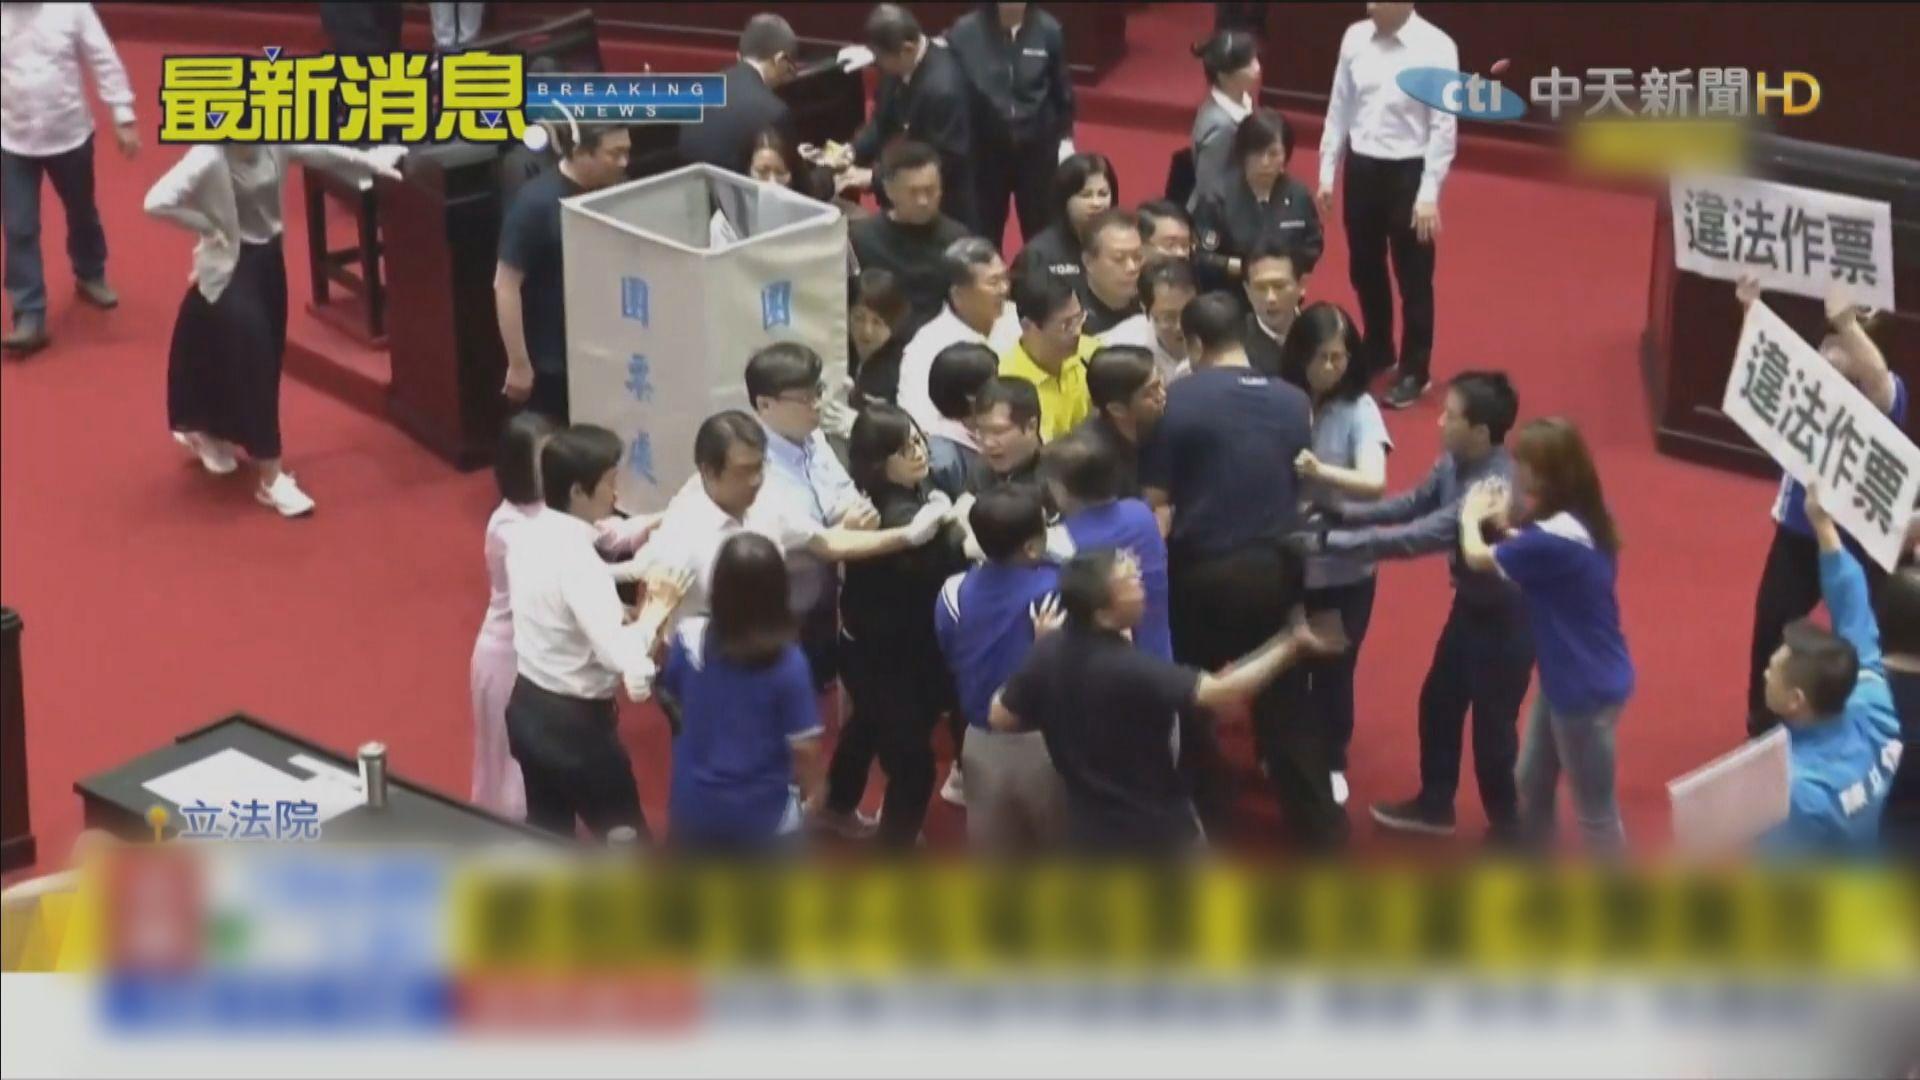 台立法院通過由陳菊擔任監察院長 藍綠表決時再爆衝突